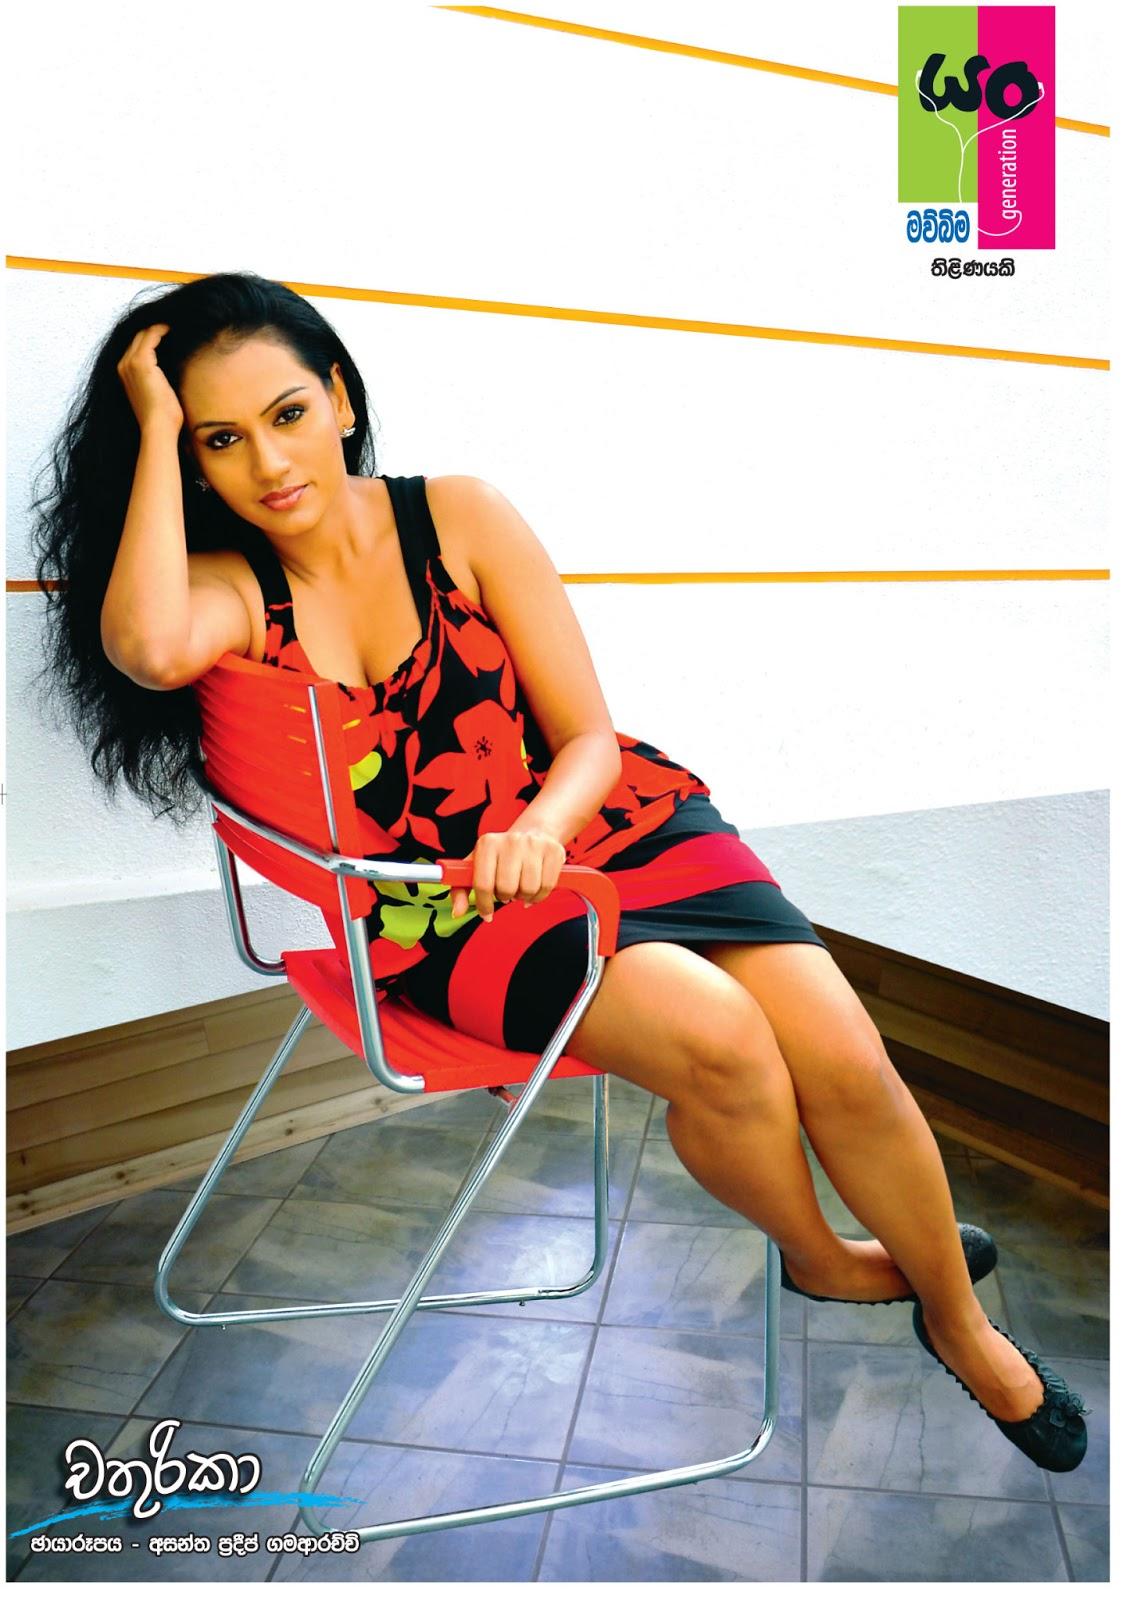 Srilankan drama girl - 3 part 2